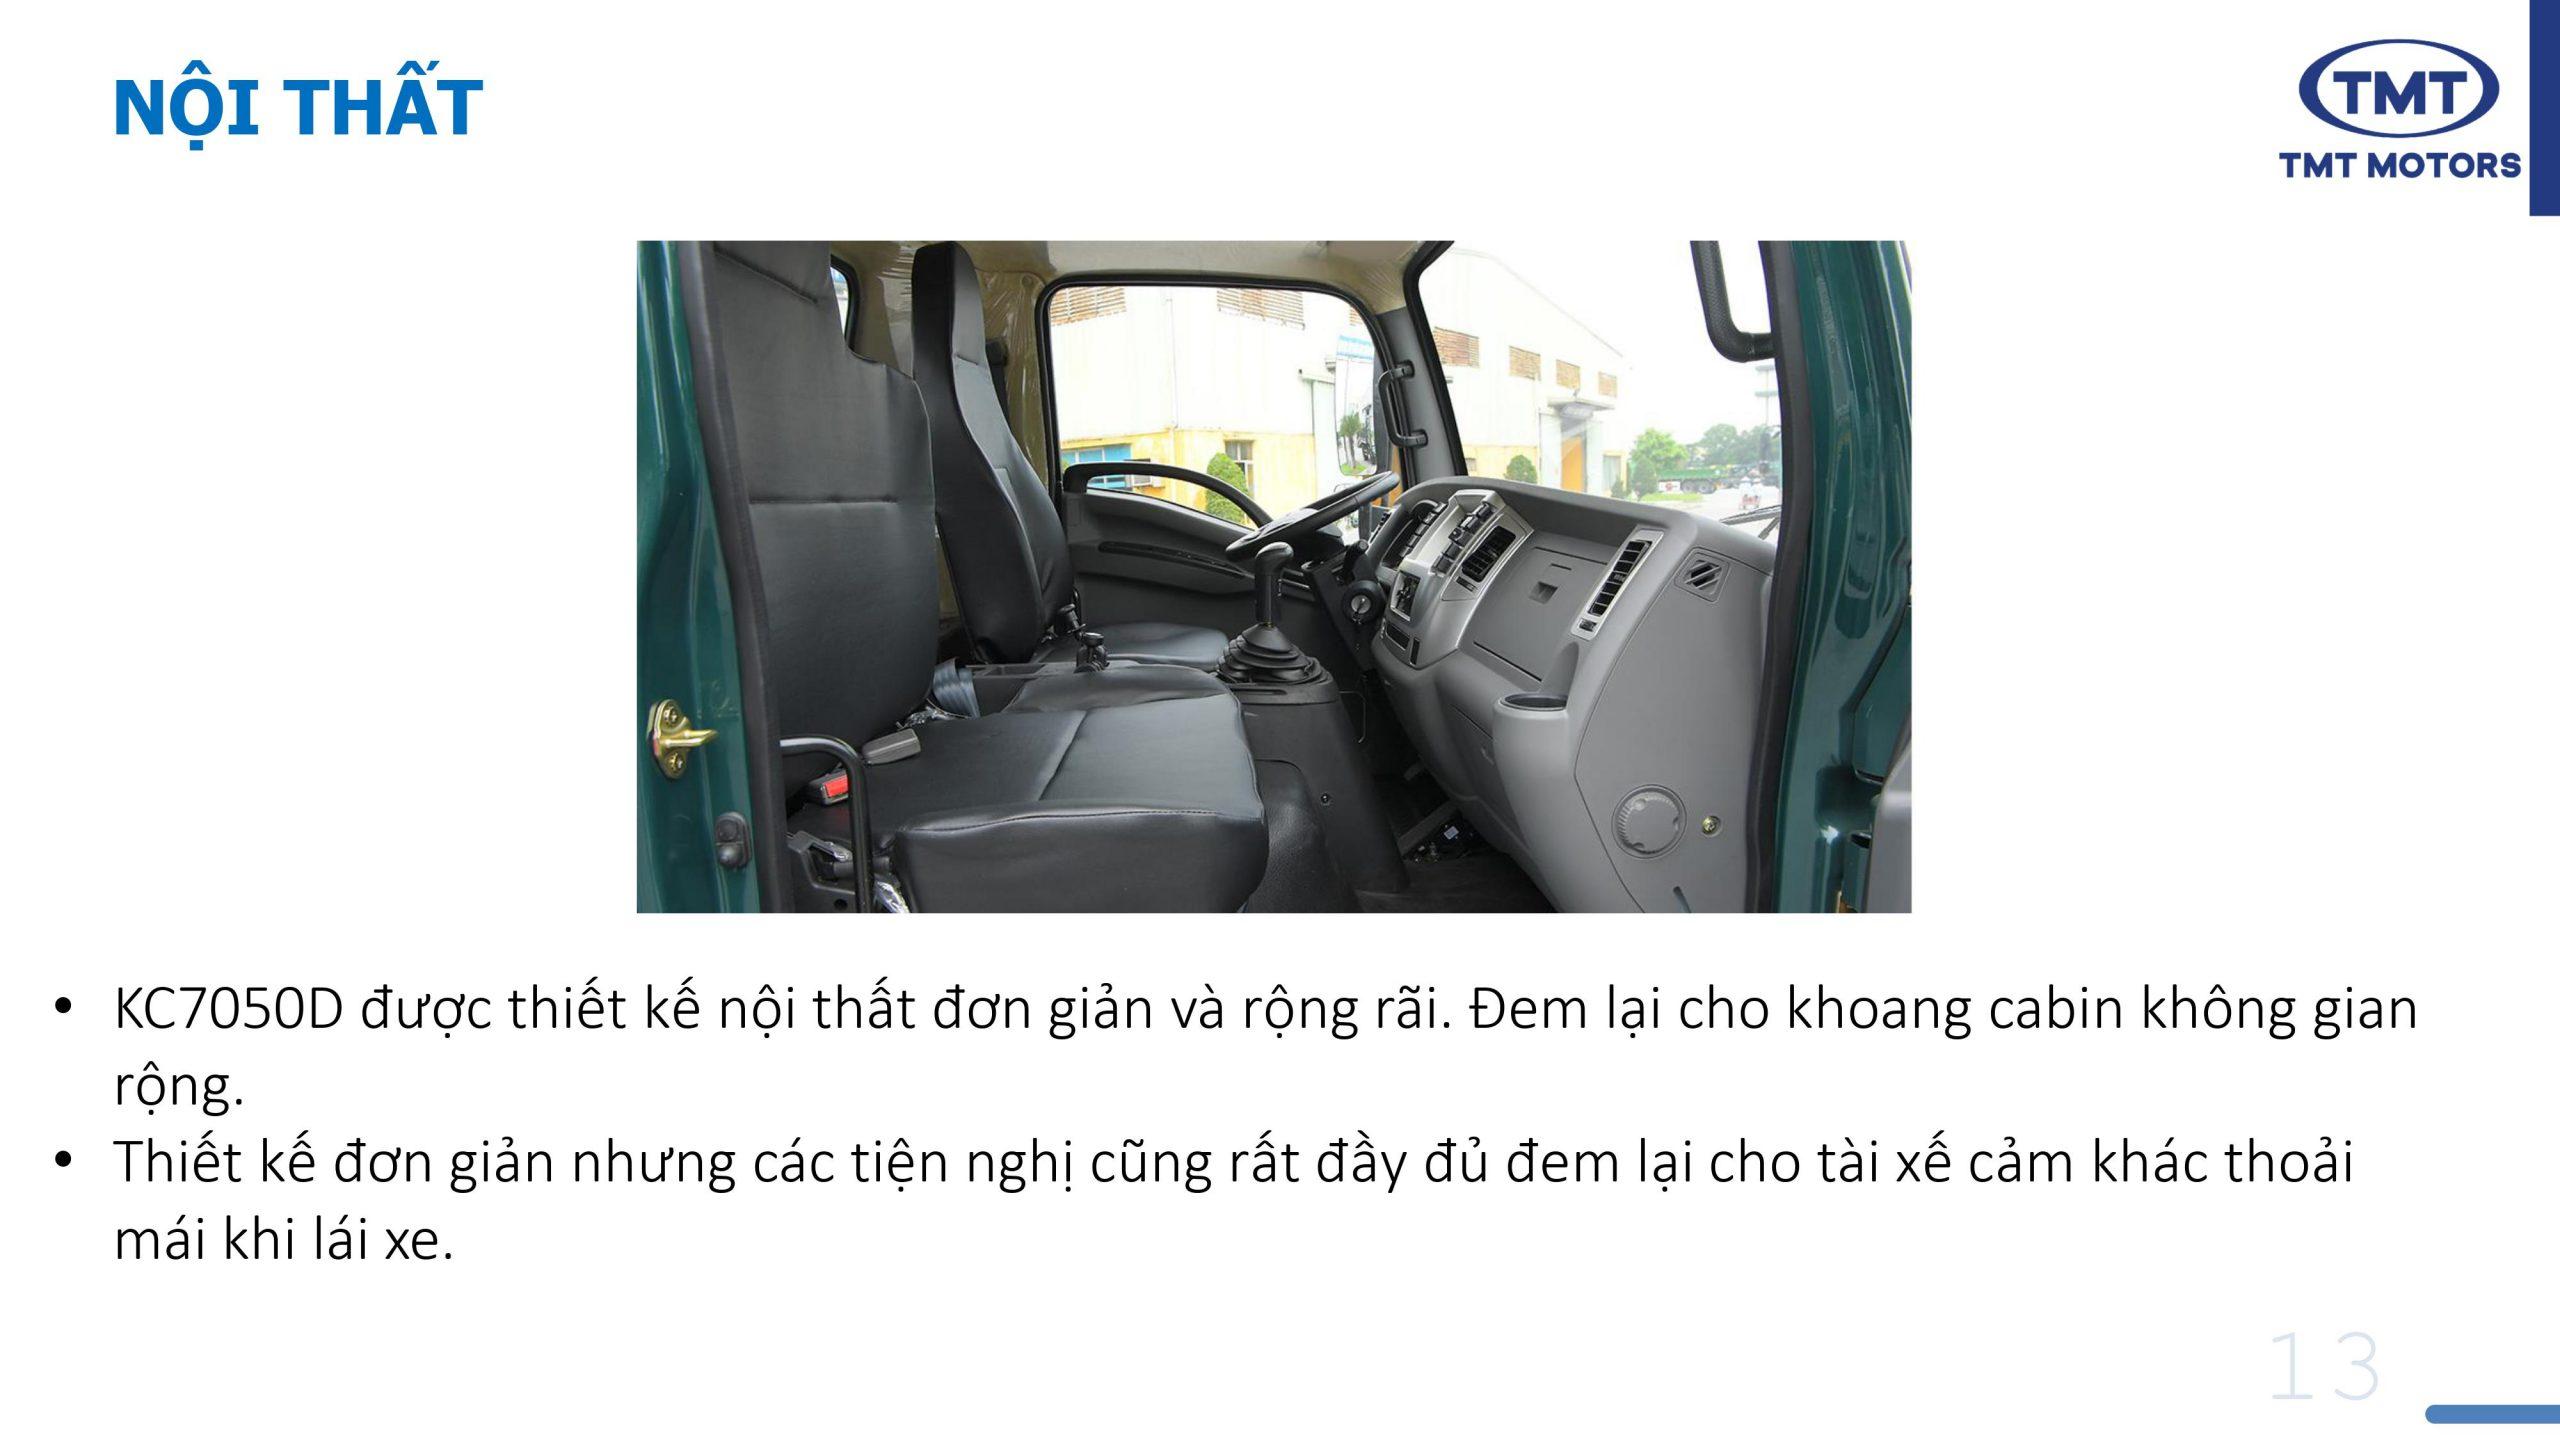 Nội Thất xe ben TMT 5 tấn Kc7050D